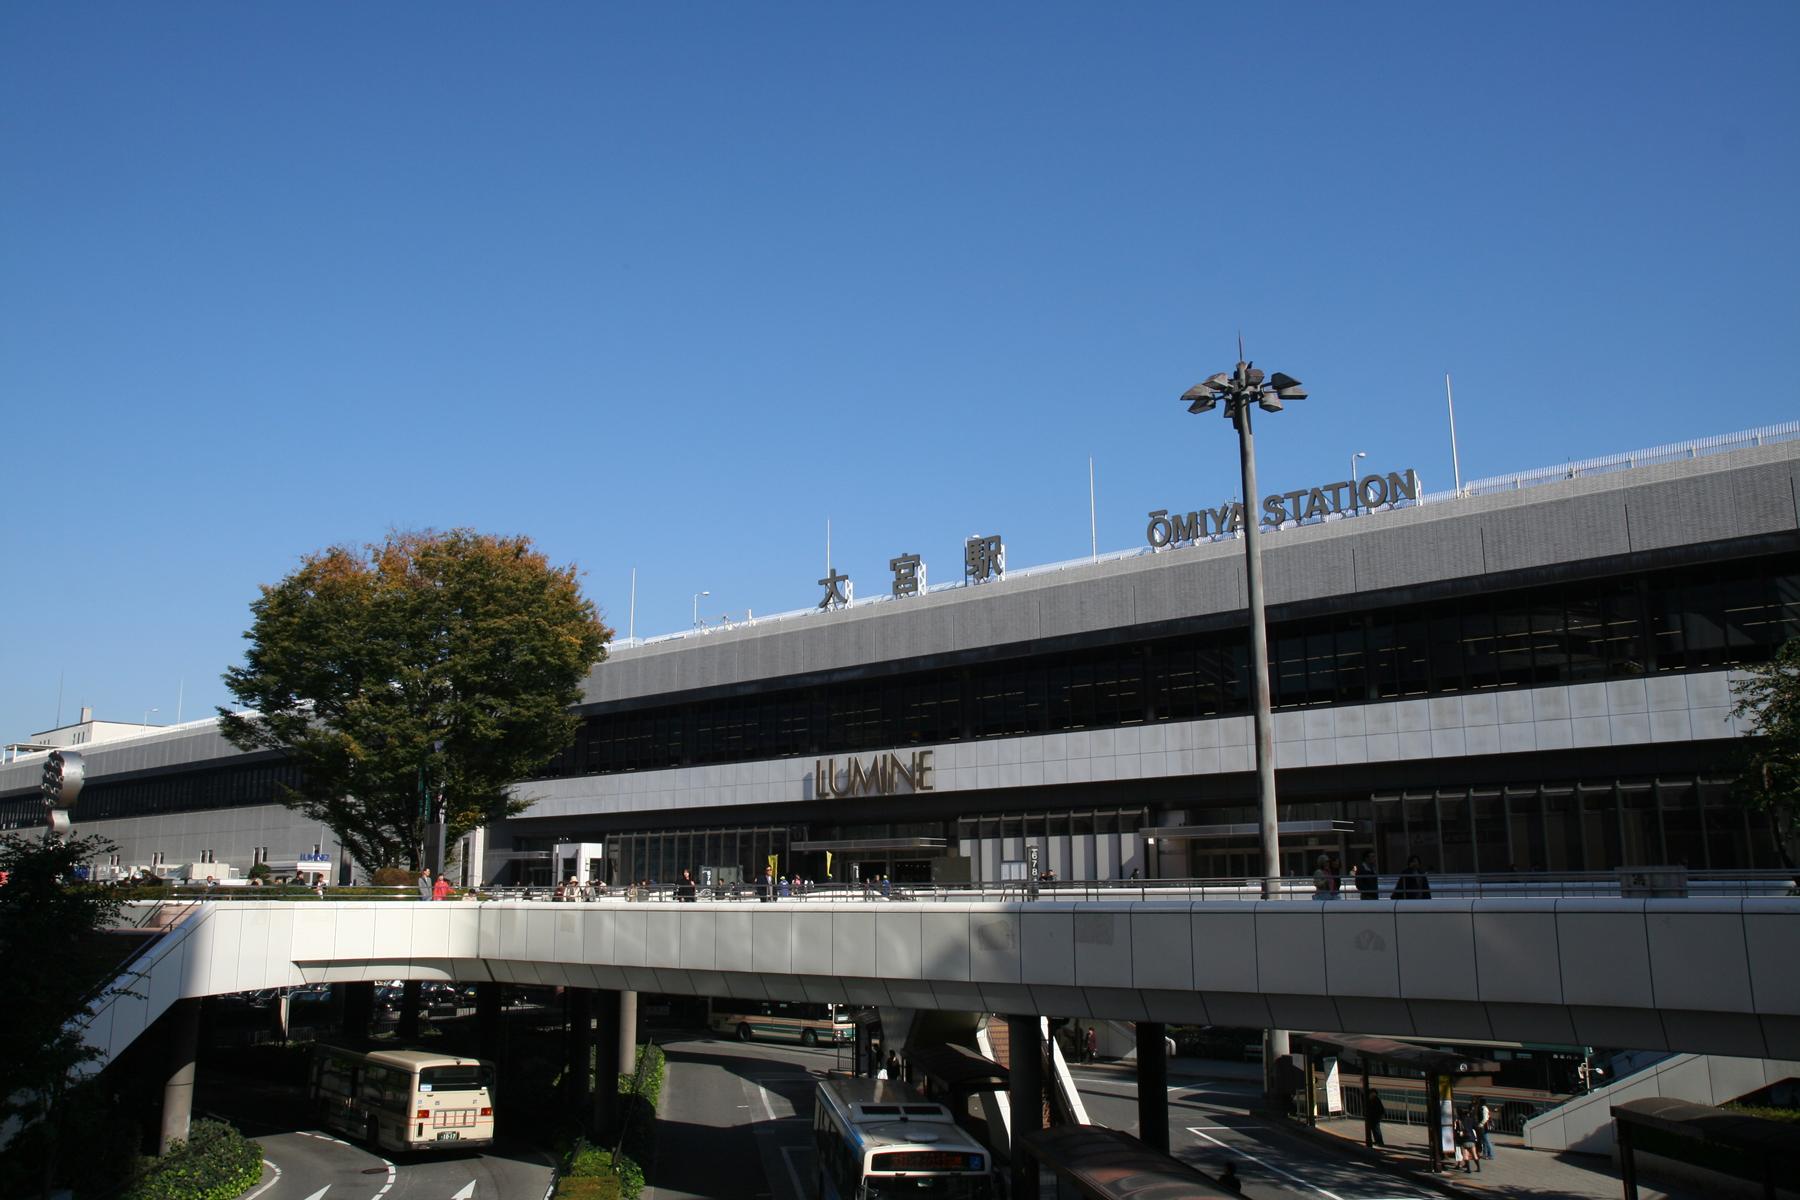 大宮 駅 駐 車場